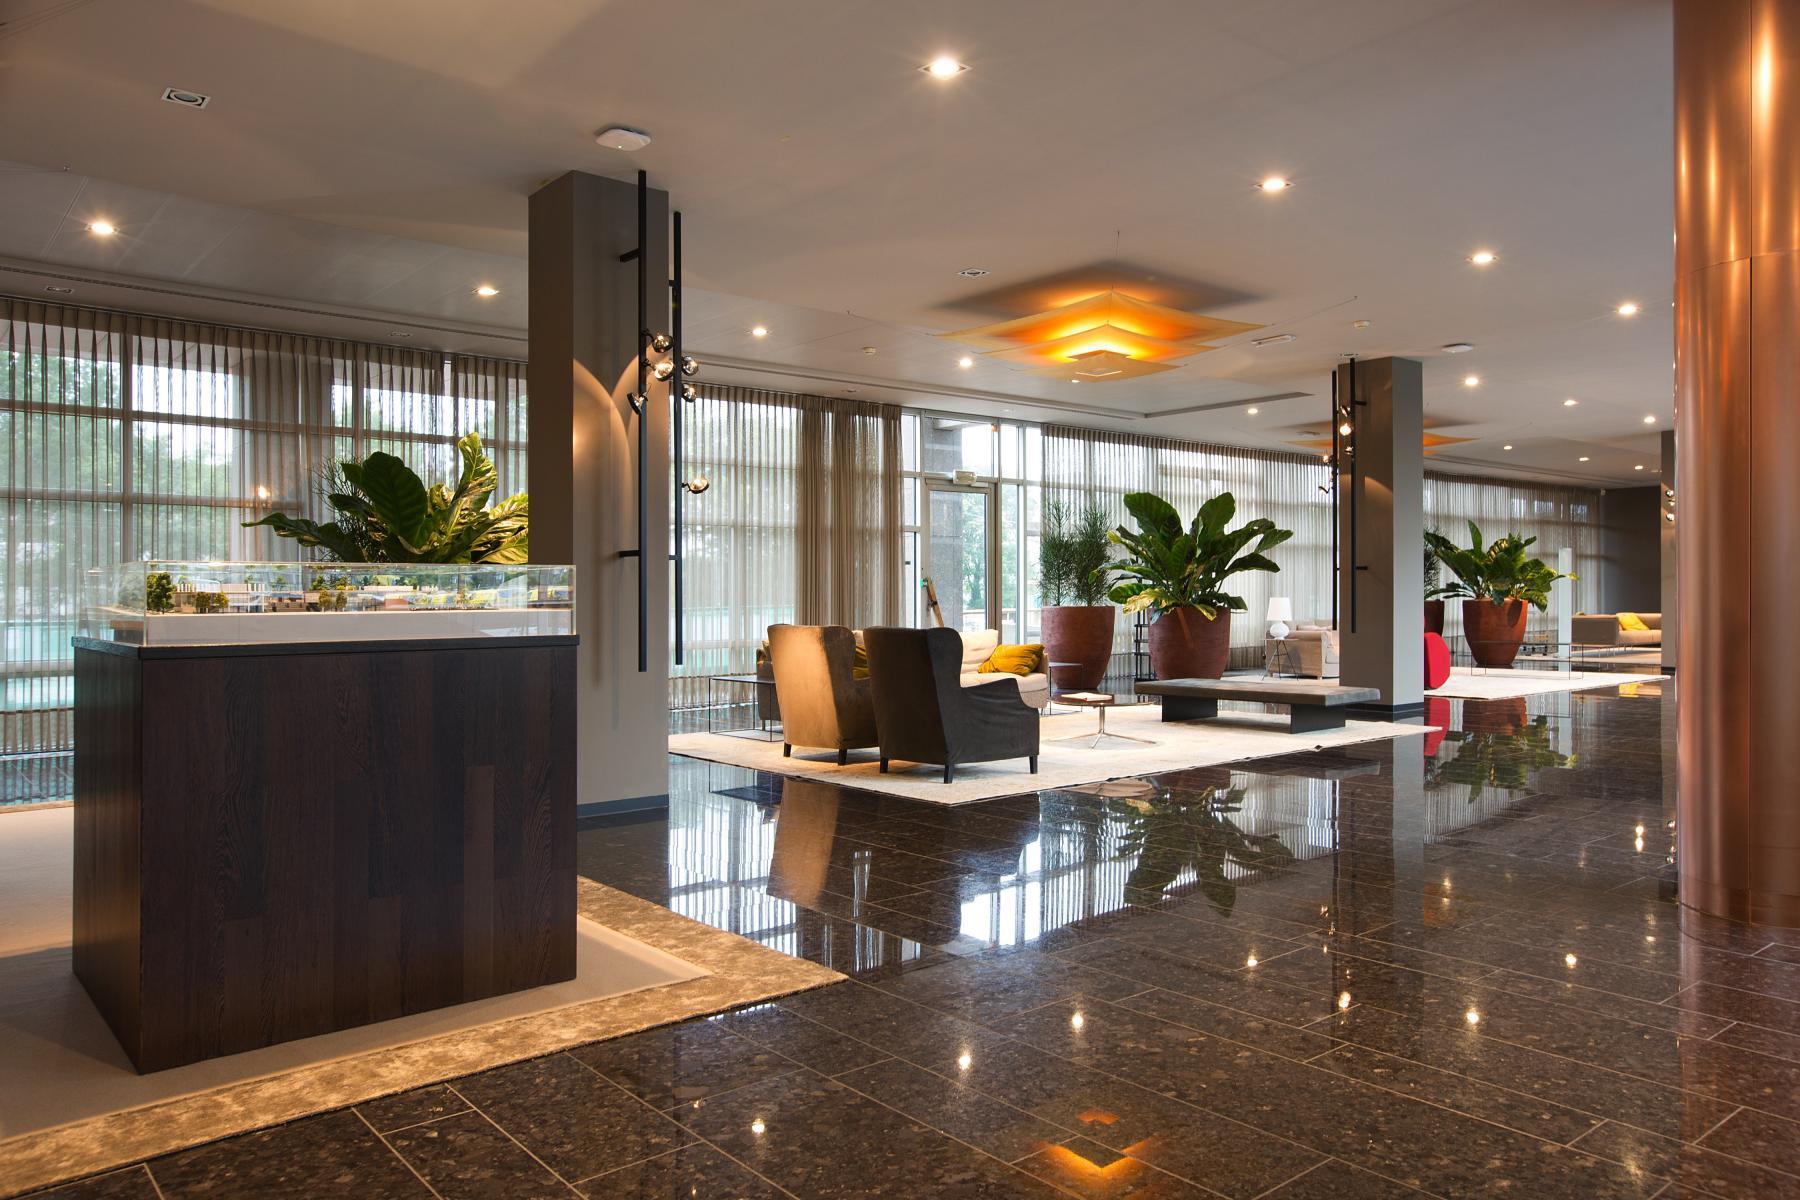 gemeenschappelijke ruimte kantoorgebouw amsterdam strawinskylaan lounge lampen